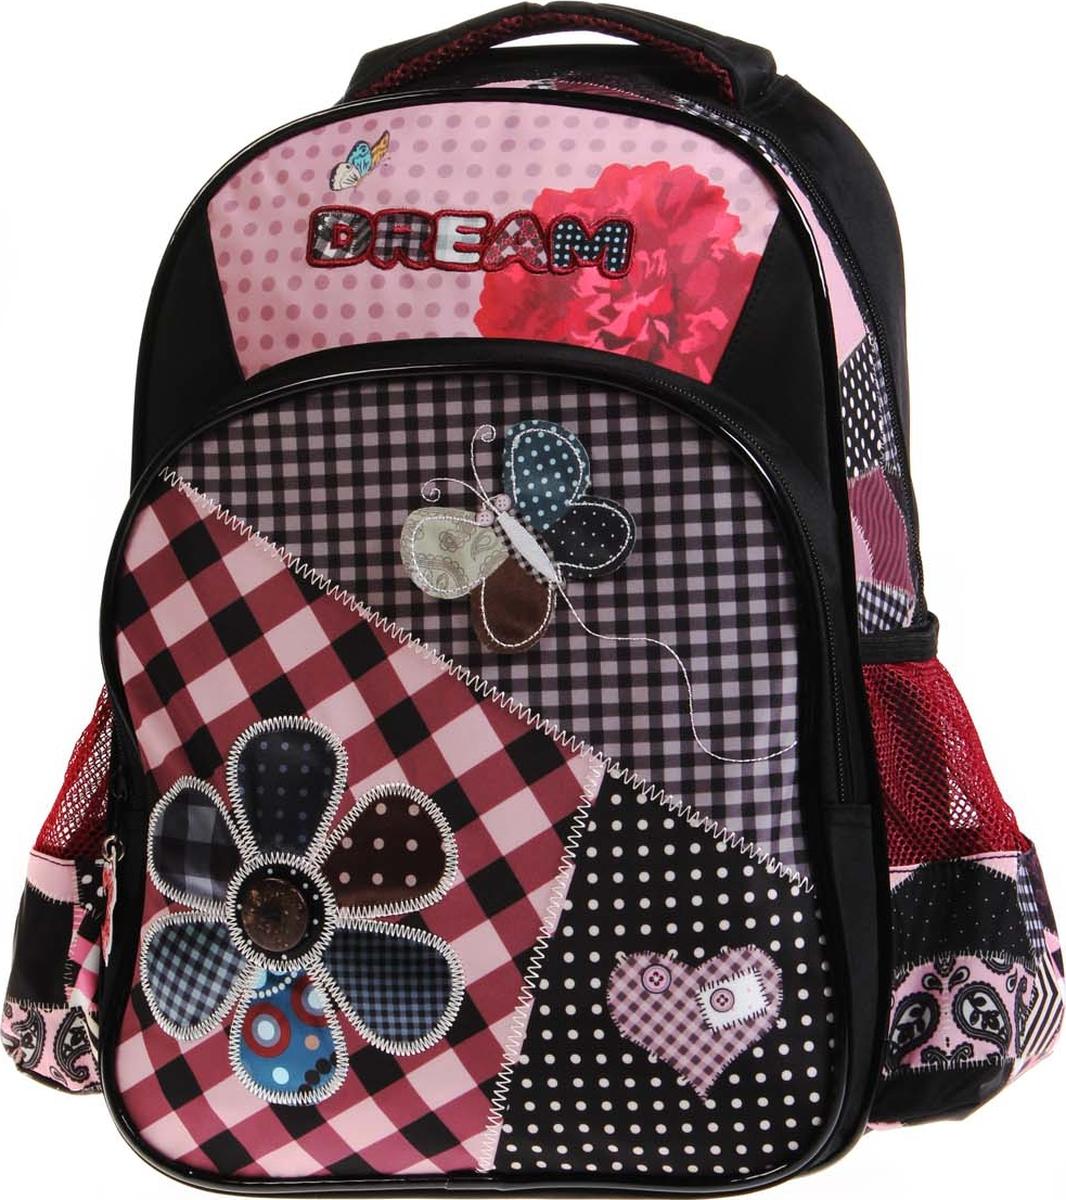 Vittorio Richi Рюкзак детский с наполнением цвет черный розовый K05RN93 рюкзак детский mojo pax mojo pax рюкзак boombox с колонками черный белый